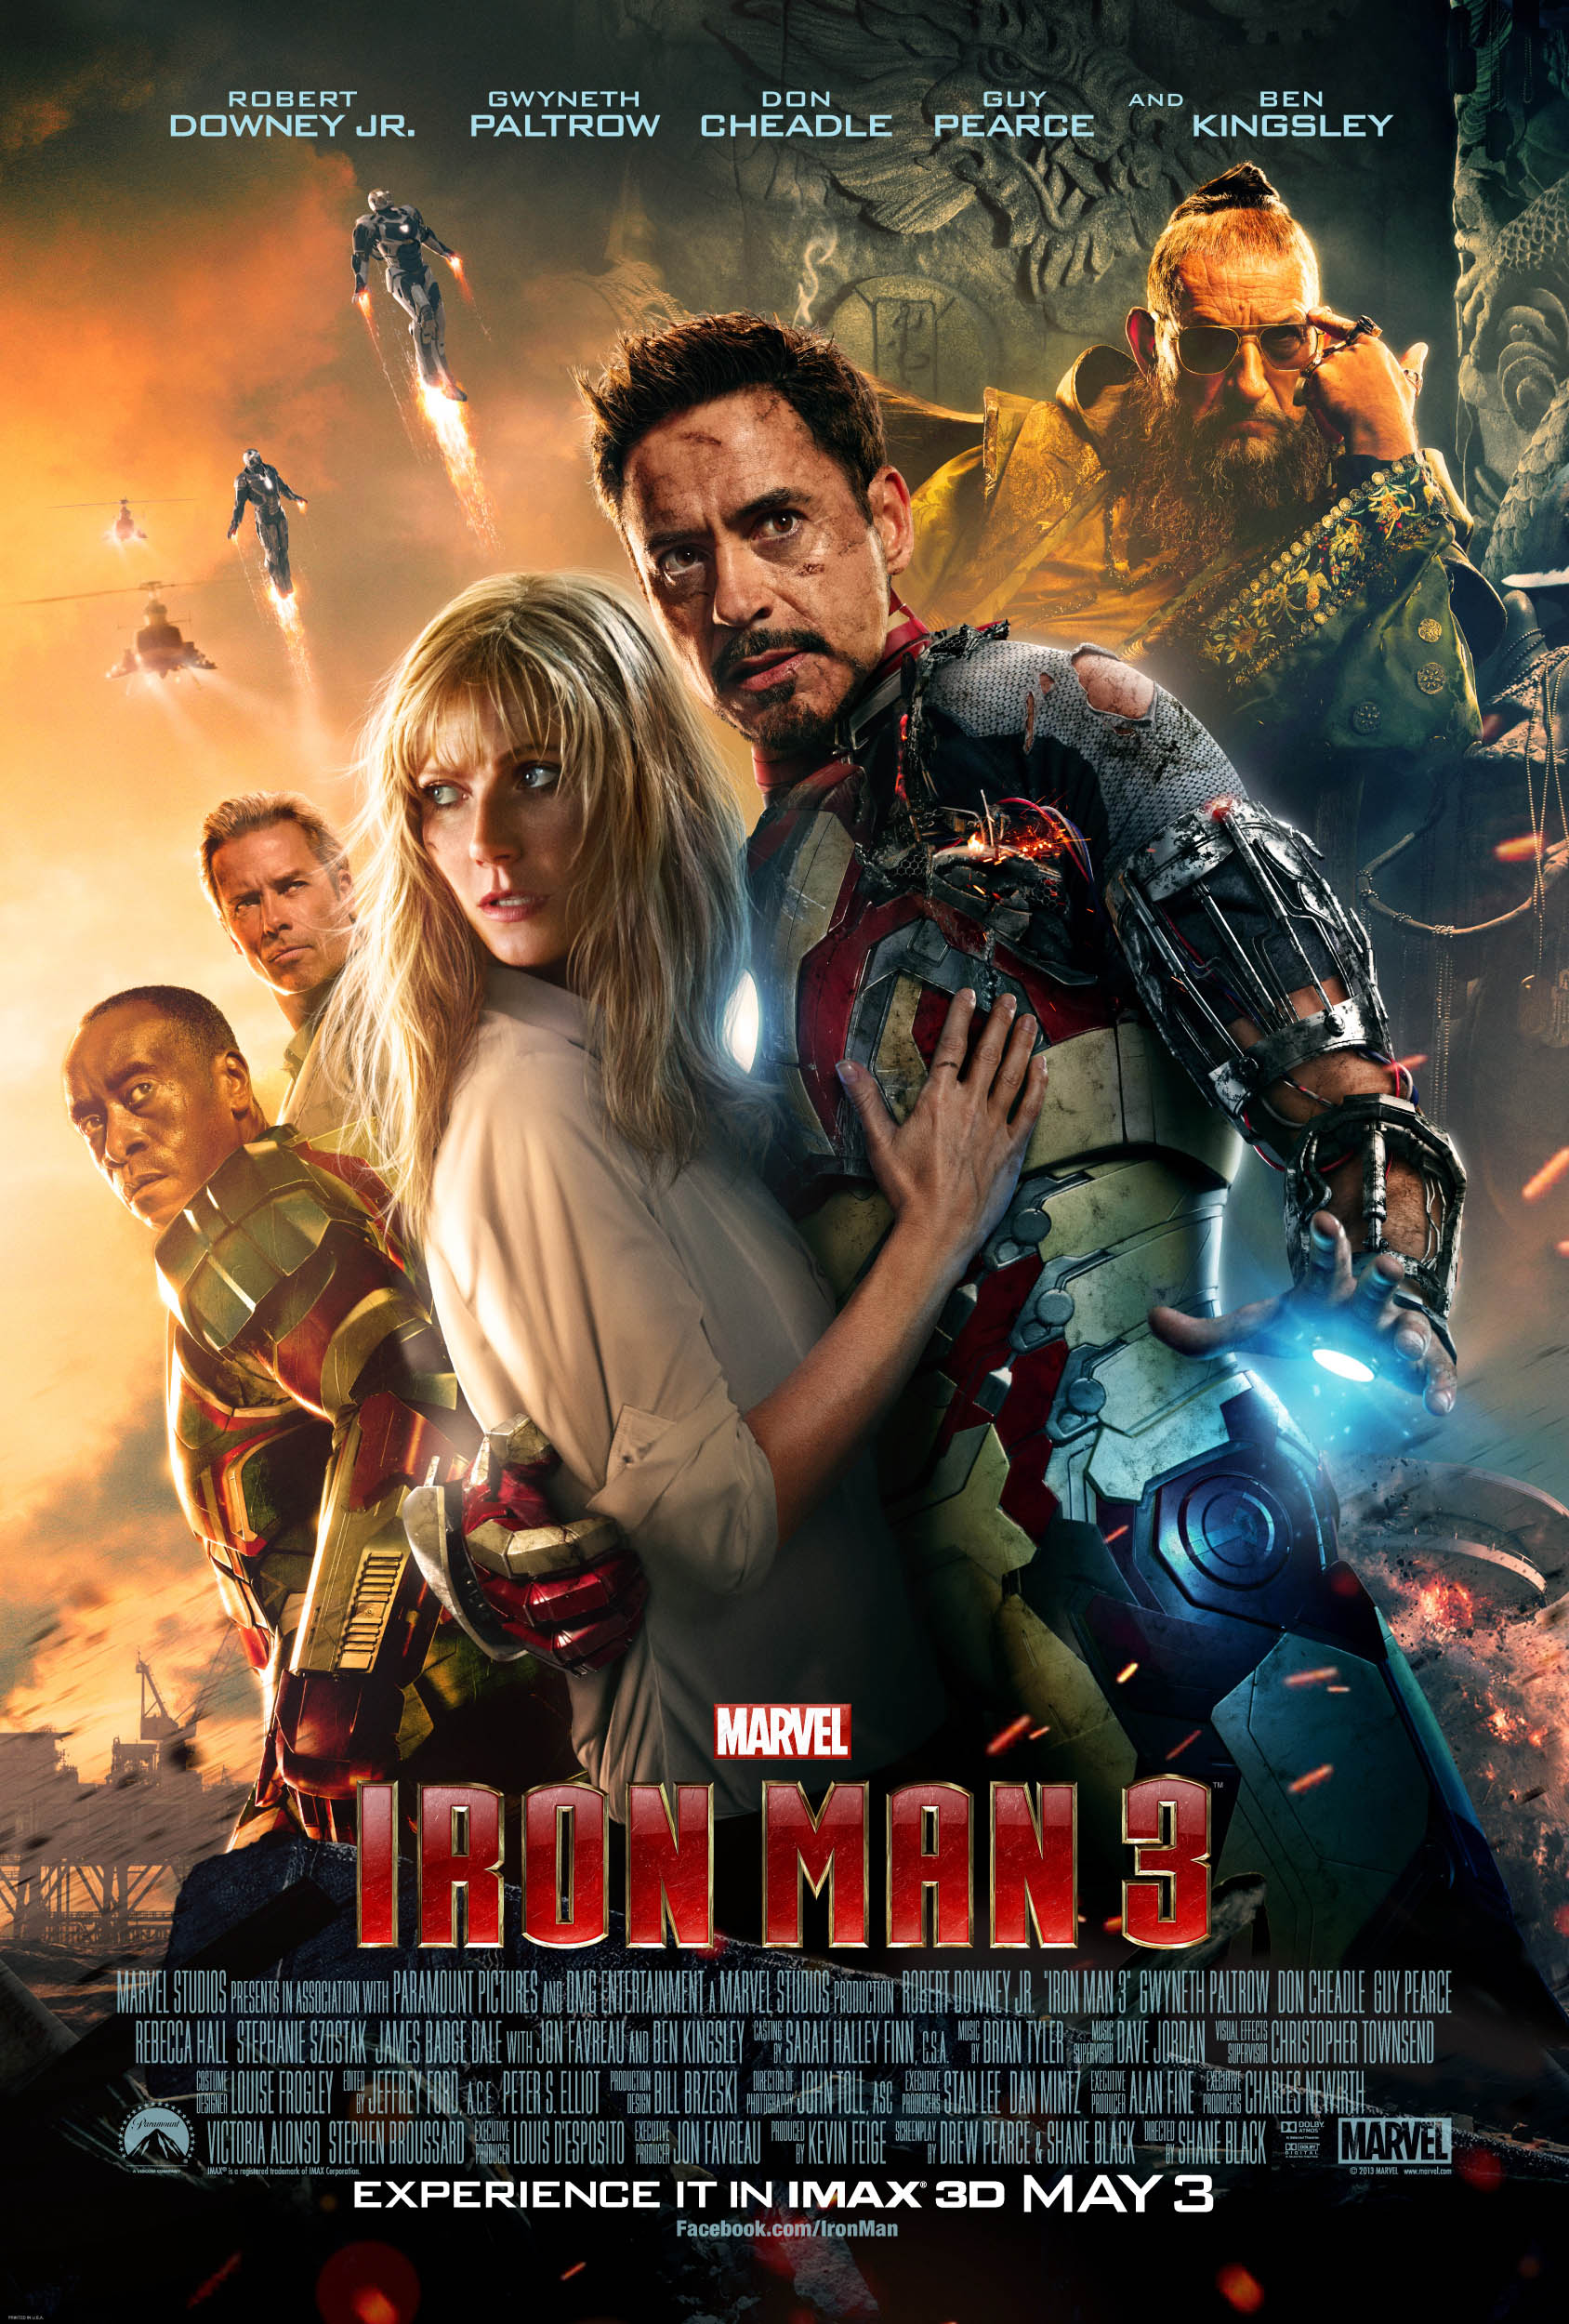 Iron Man 3 Photo 29 - Large